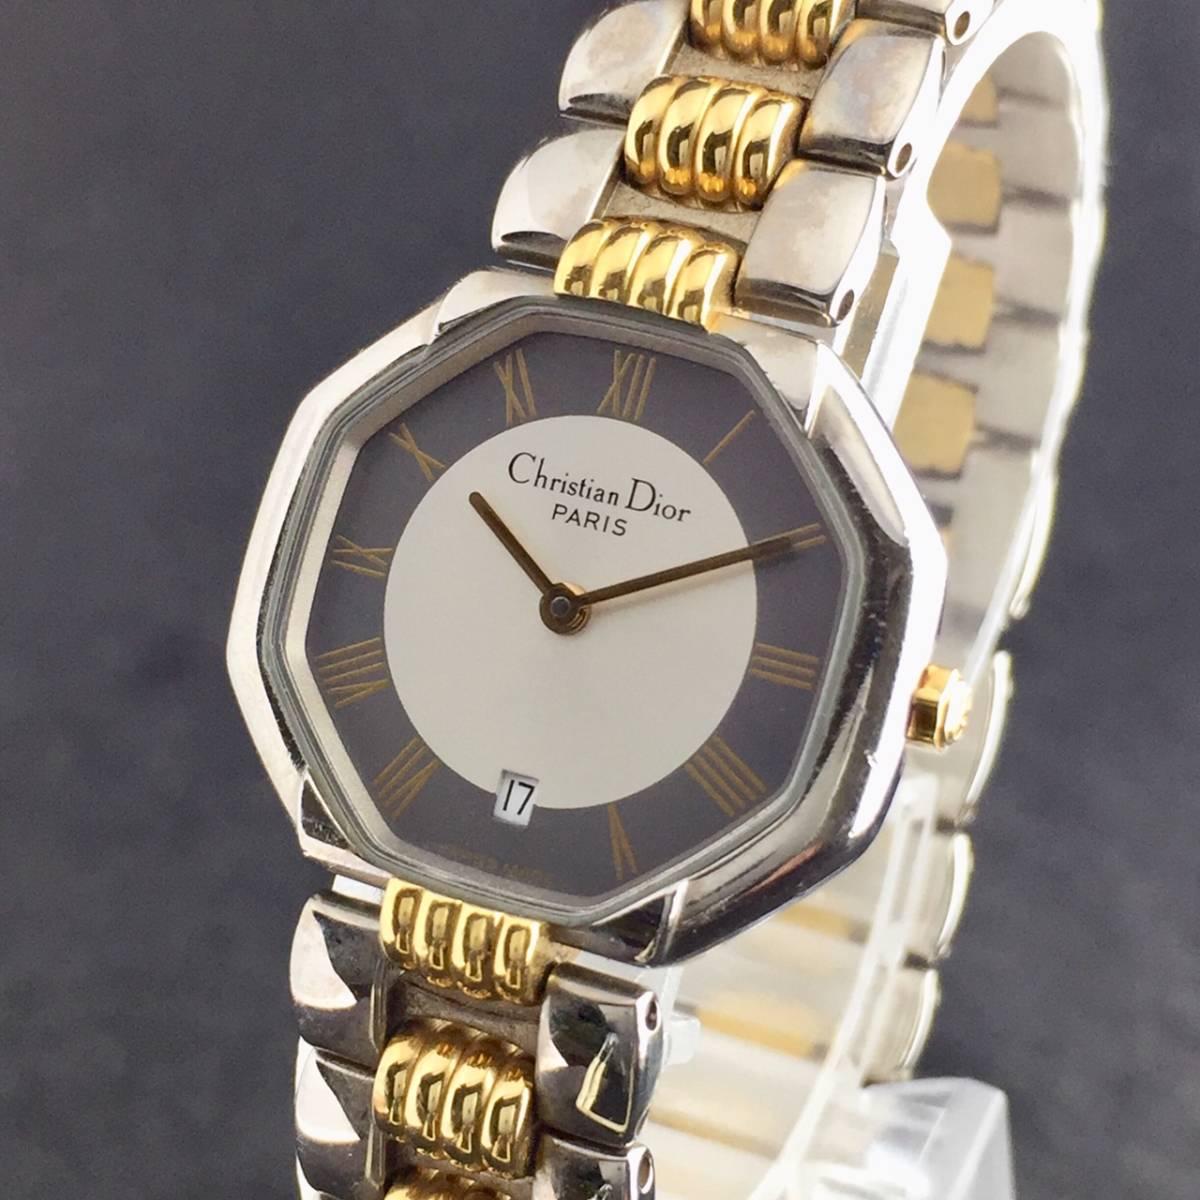 【1円~】Christian Dior クリスチャンディオール 腕時計 レディース D48-203 オクタゴン デイト コンビ 可動品